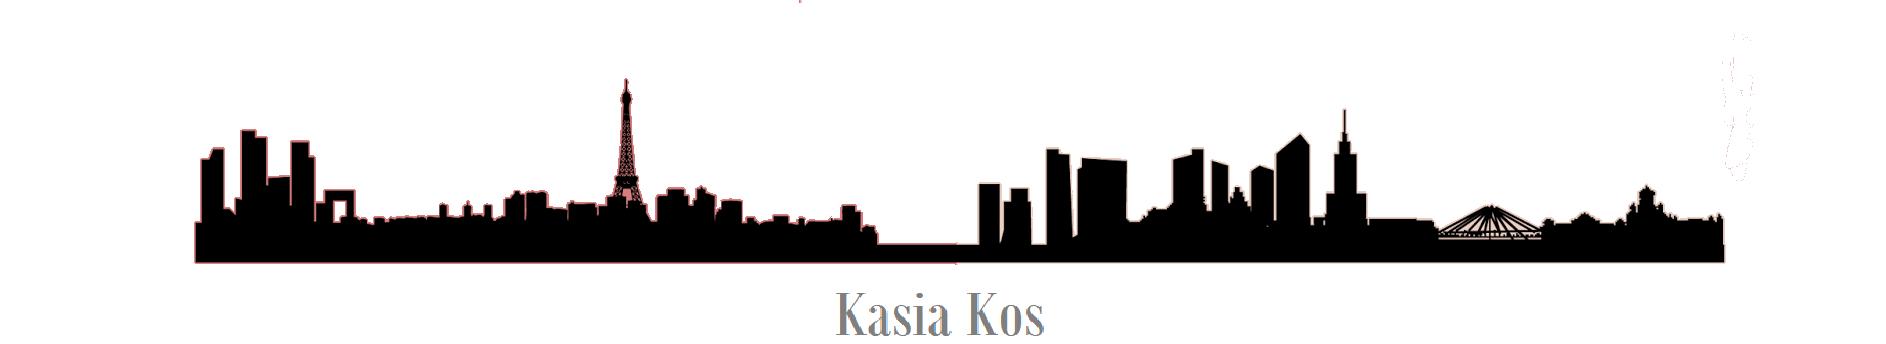 Kasia Kos